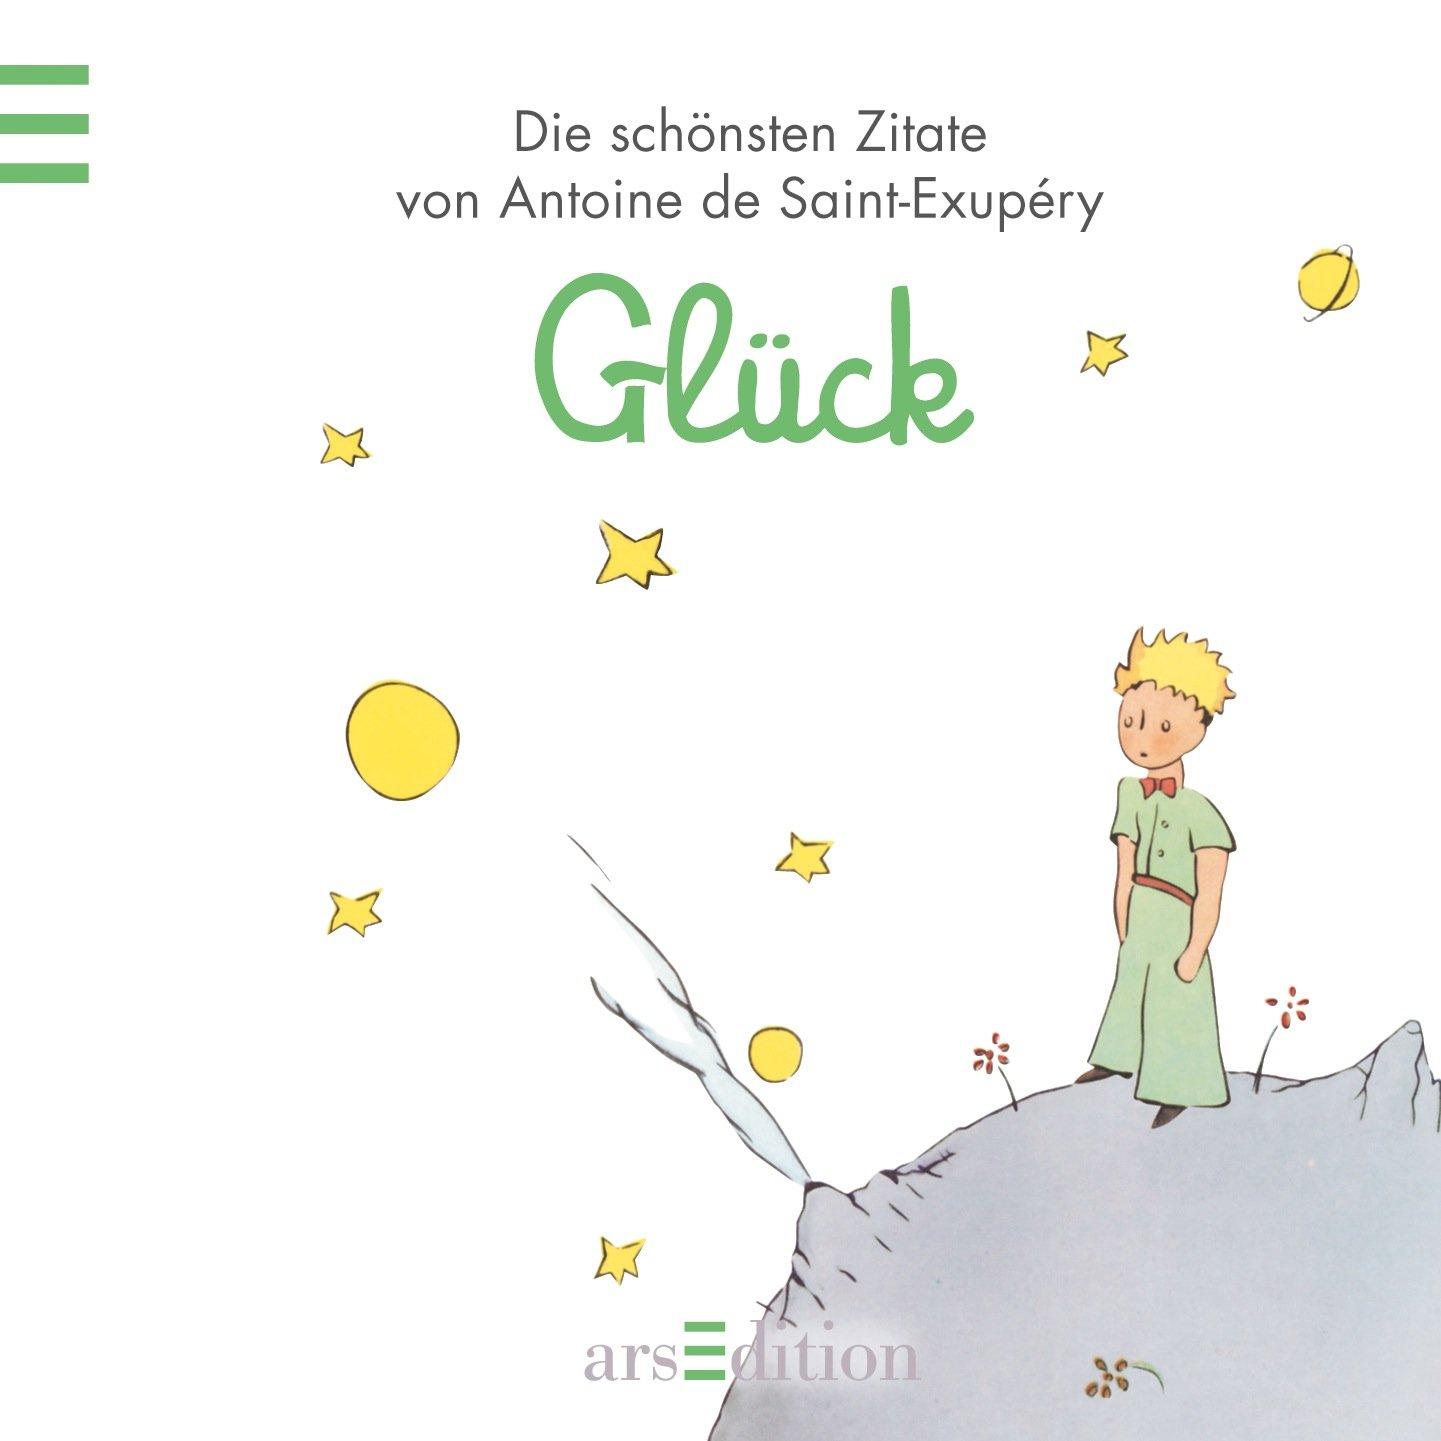 Zitat Der Kleine Prinz Zitate Der Kleine Prinz 2019 10 29